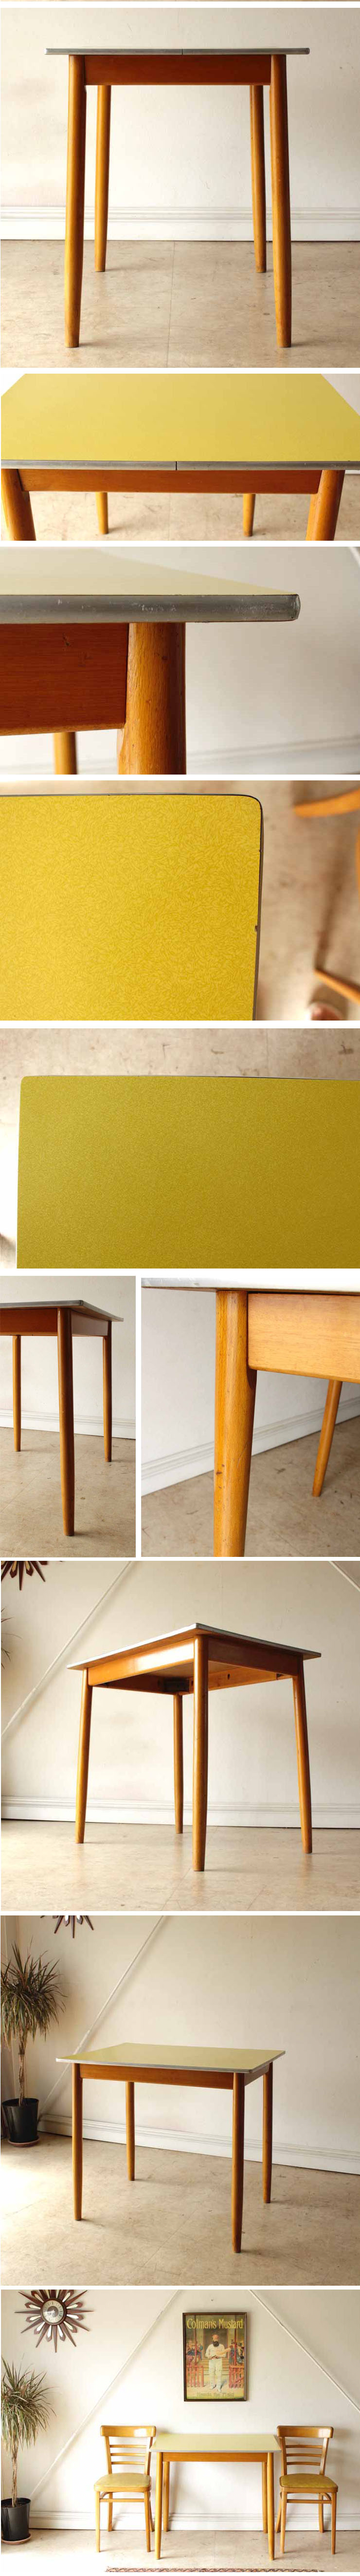 ダイニングテーブル・フォーマイカ・ビンテージ・アンティーク・輸入家具